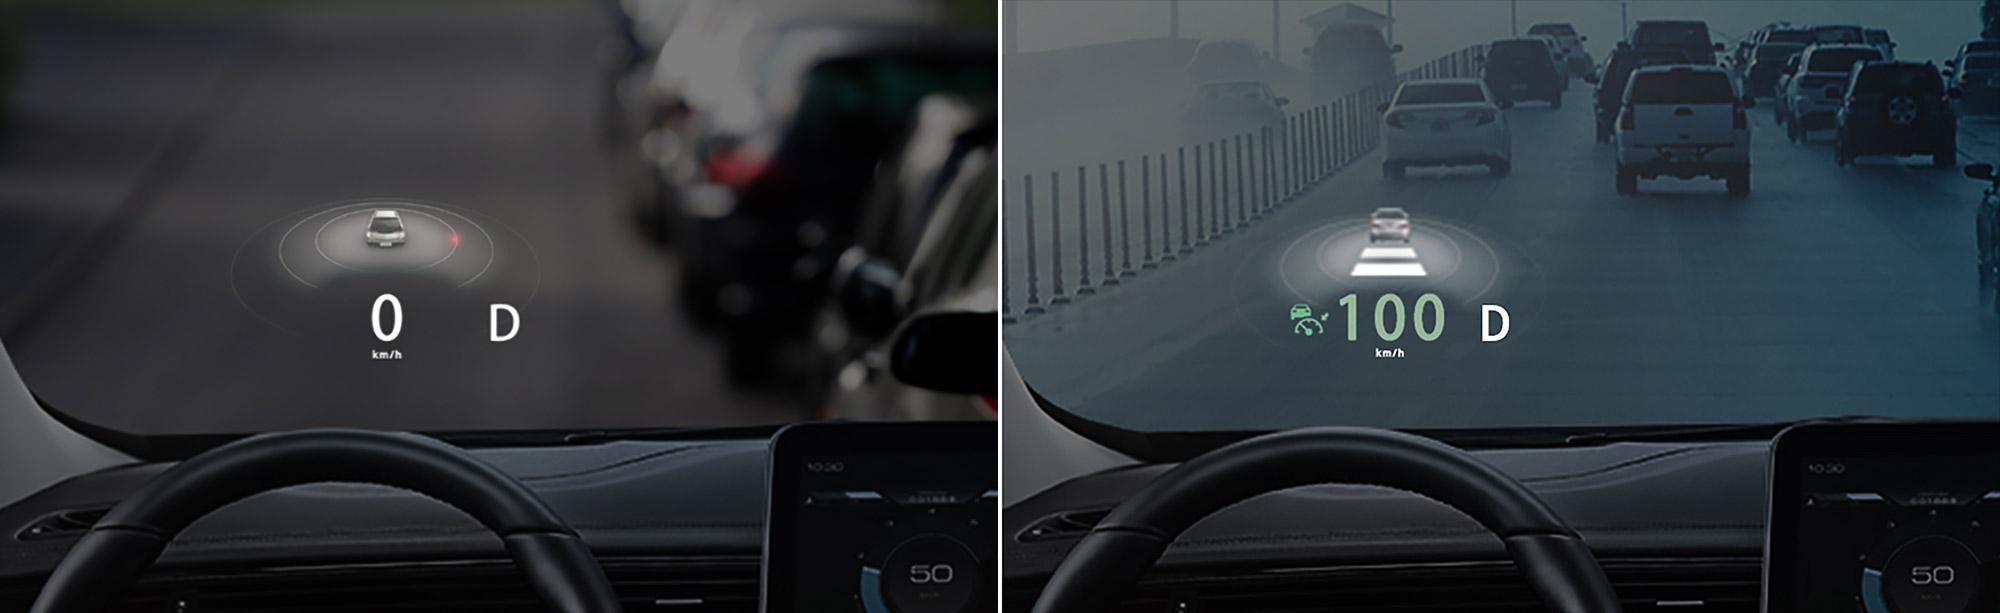 URX 透過以 HUD 抬頭顯示器為核心的 ARD 系統取代傳統儀表板。